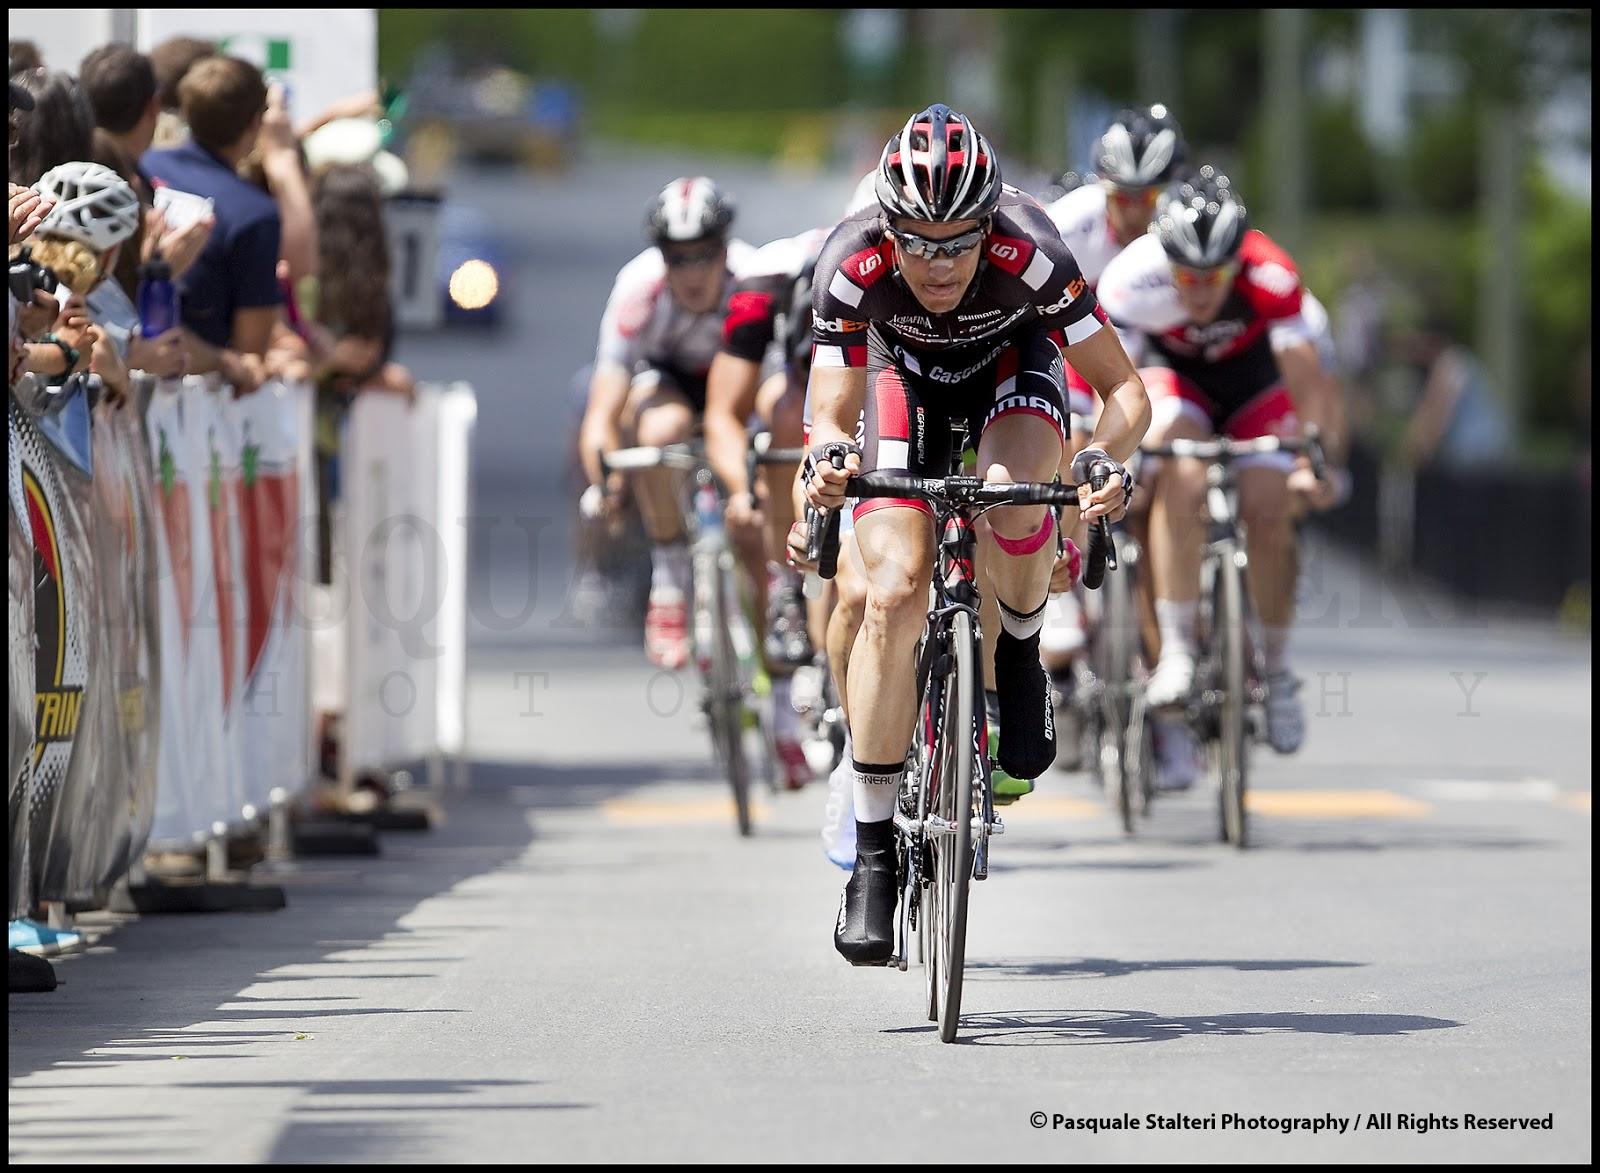 Bruno langlois remporte le grand prix cycliste gatineau for Le miroir du cyclisme